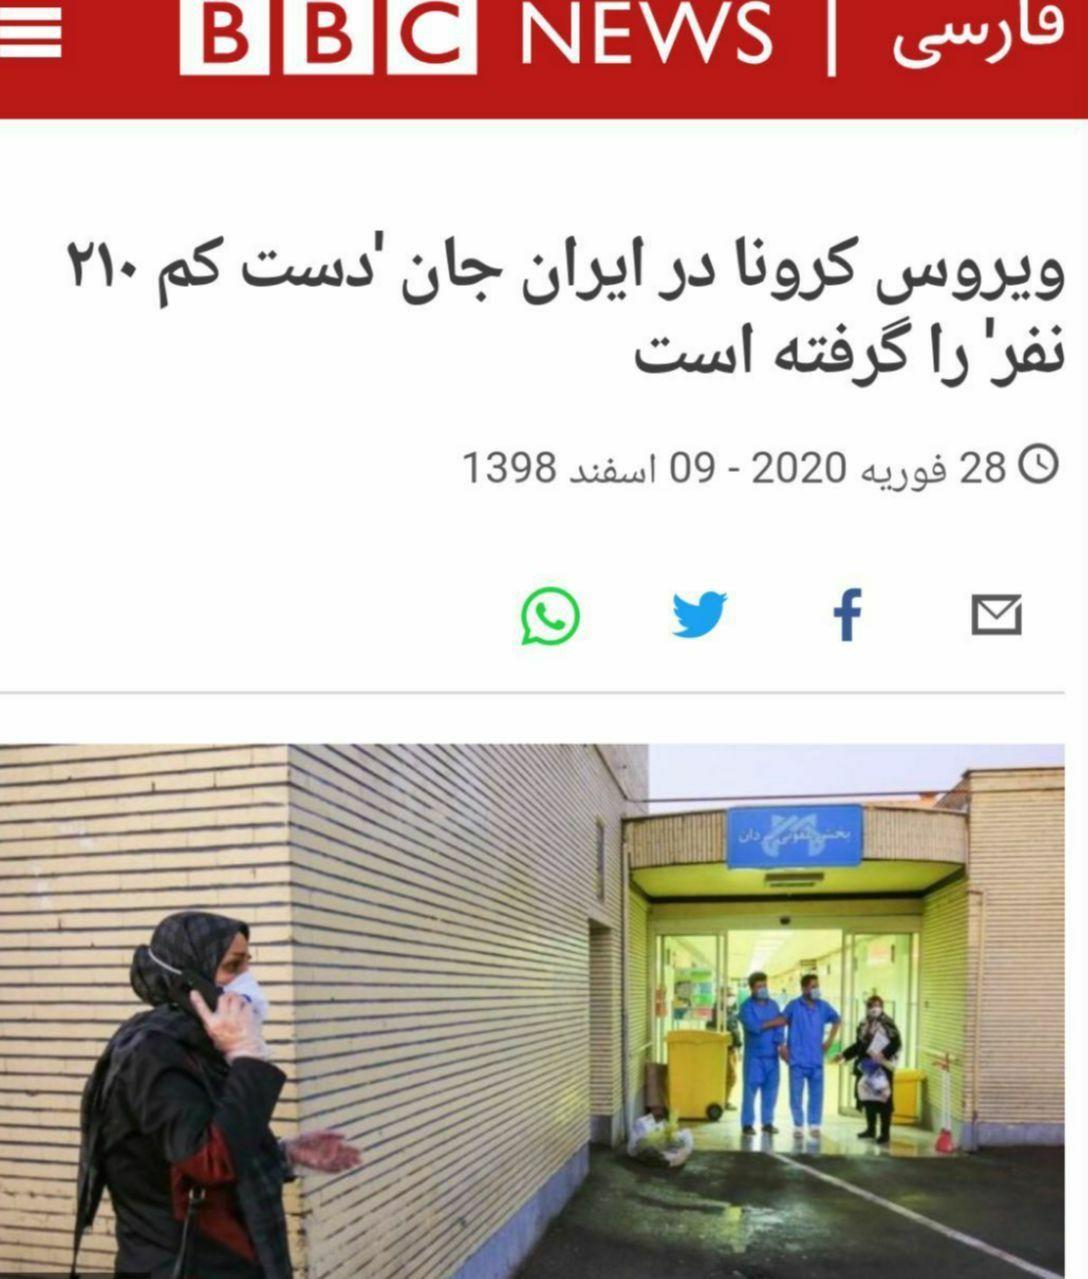 پاسخ توییتری سخنگوی وزارت بهداشت به بی بی سی فارسی